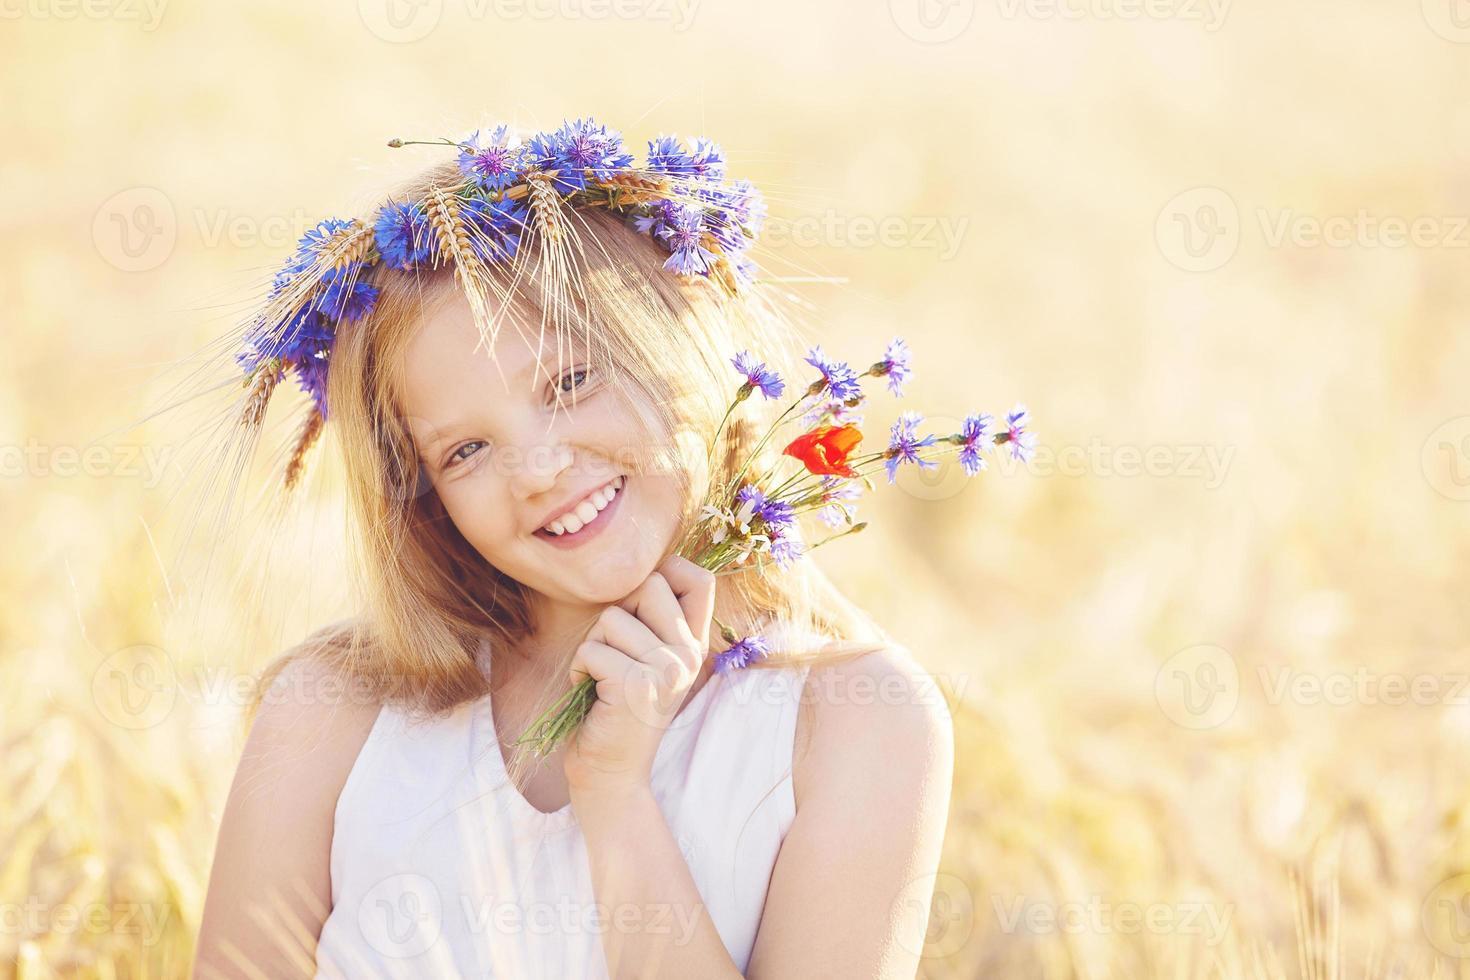 menina feliz com coroa de flores no campo de trigo de verão foto